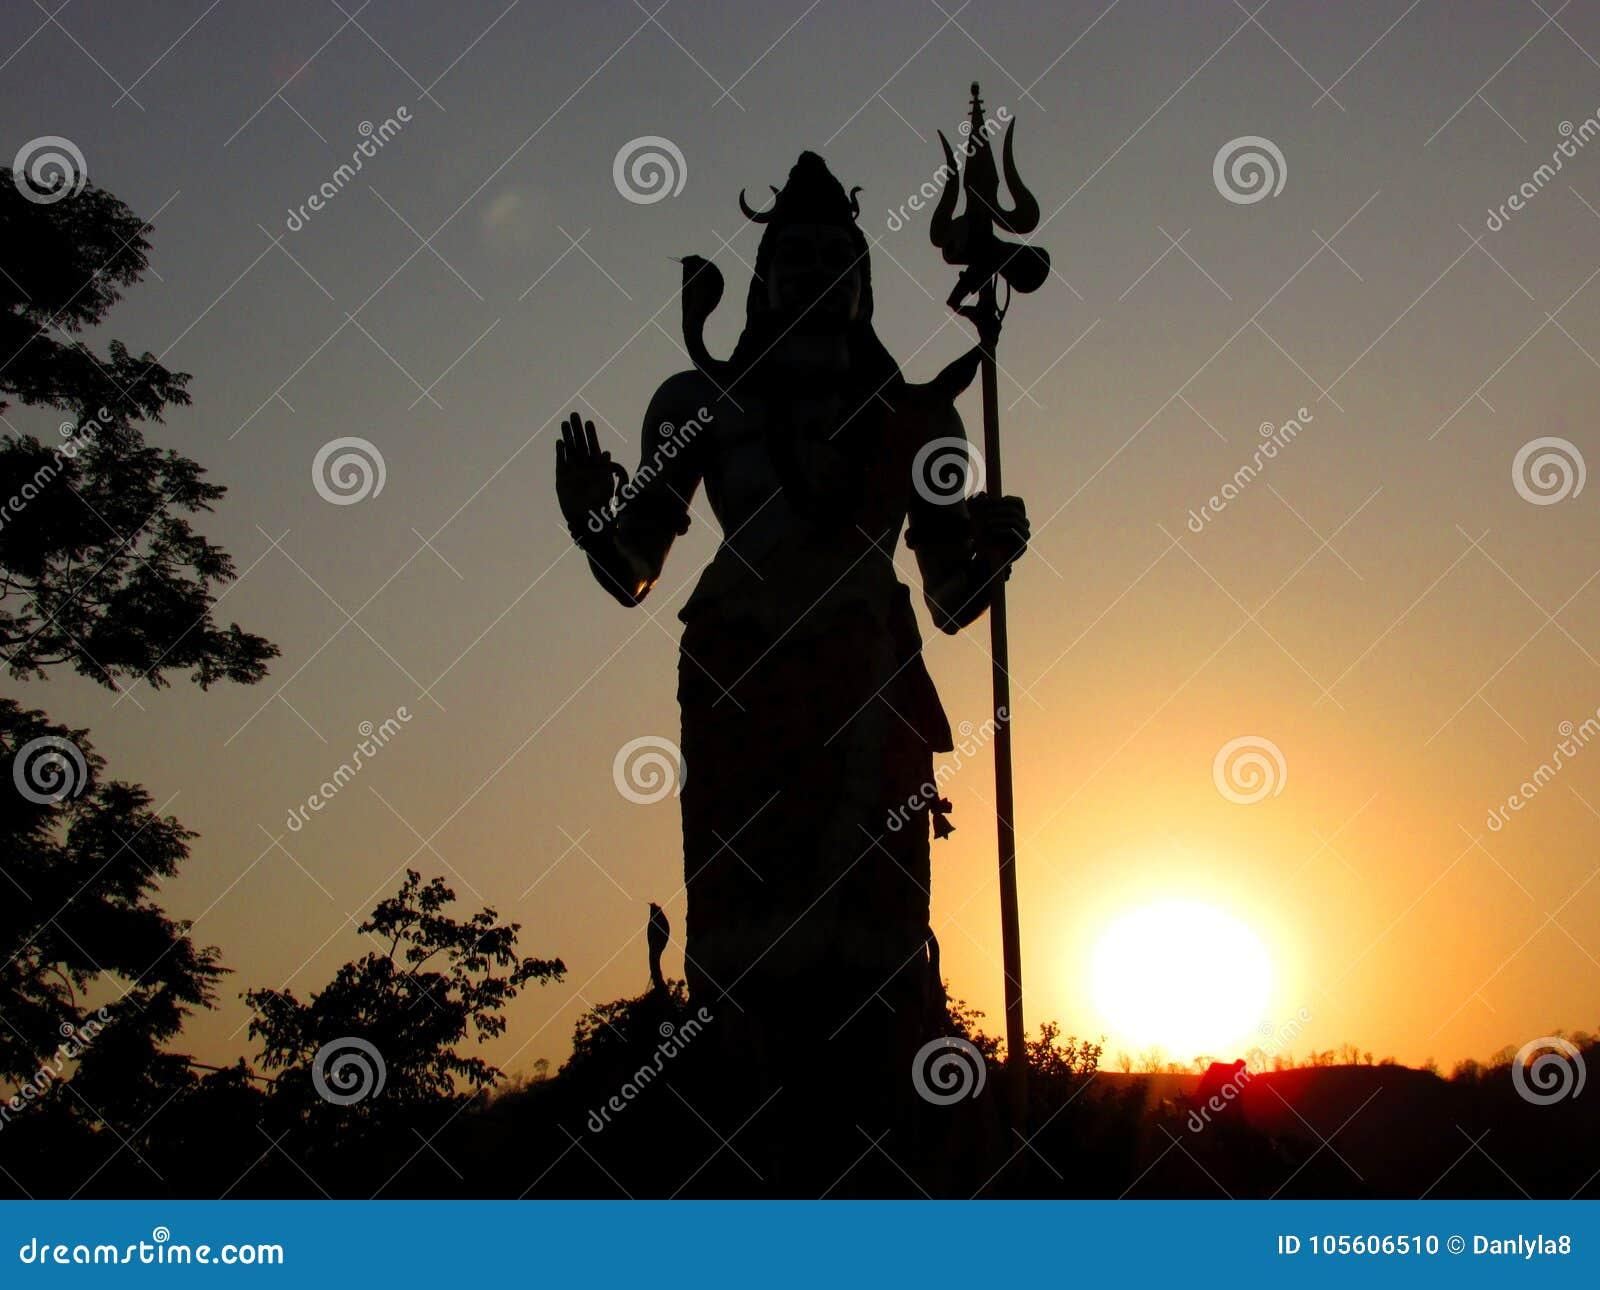 Silueta de dios hindú Shiva en la puesta del sol